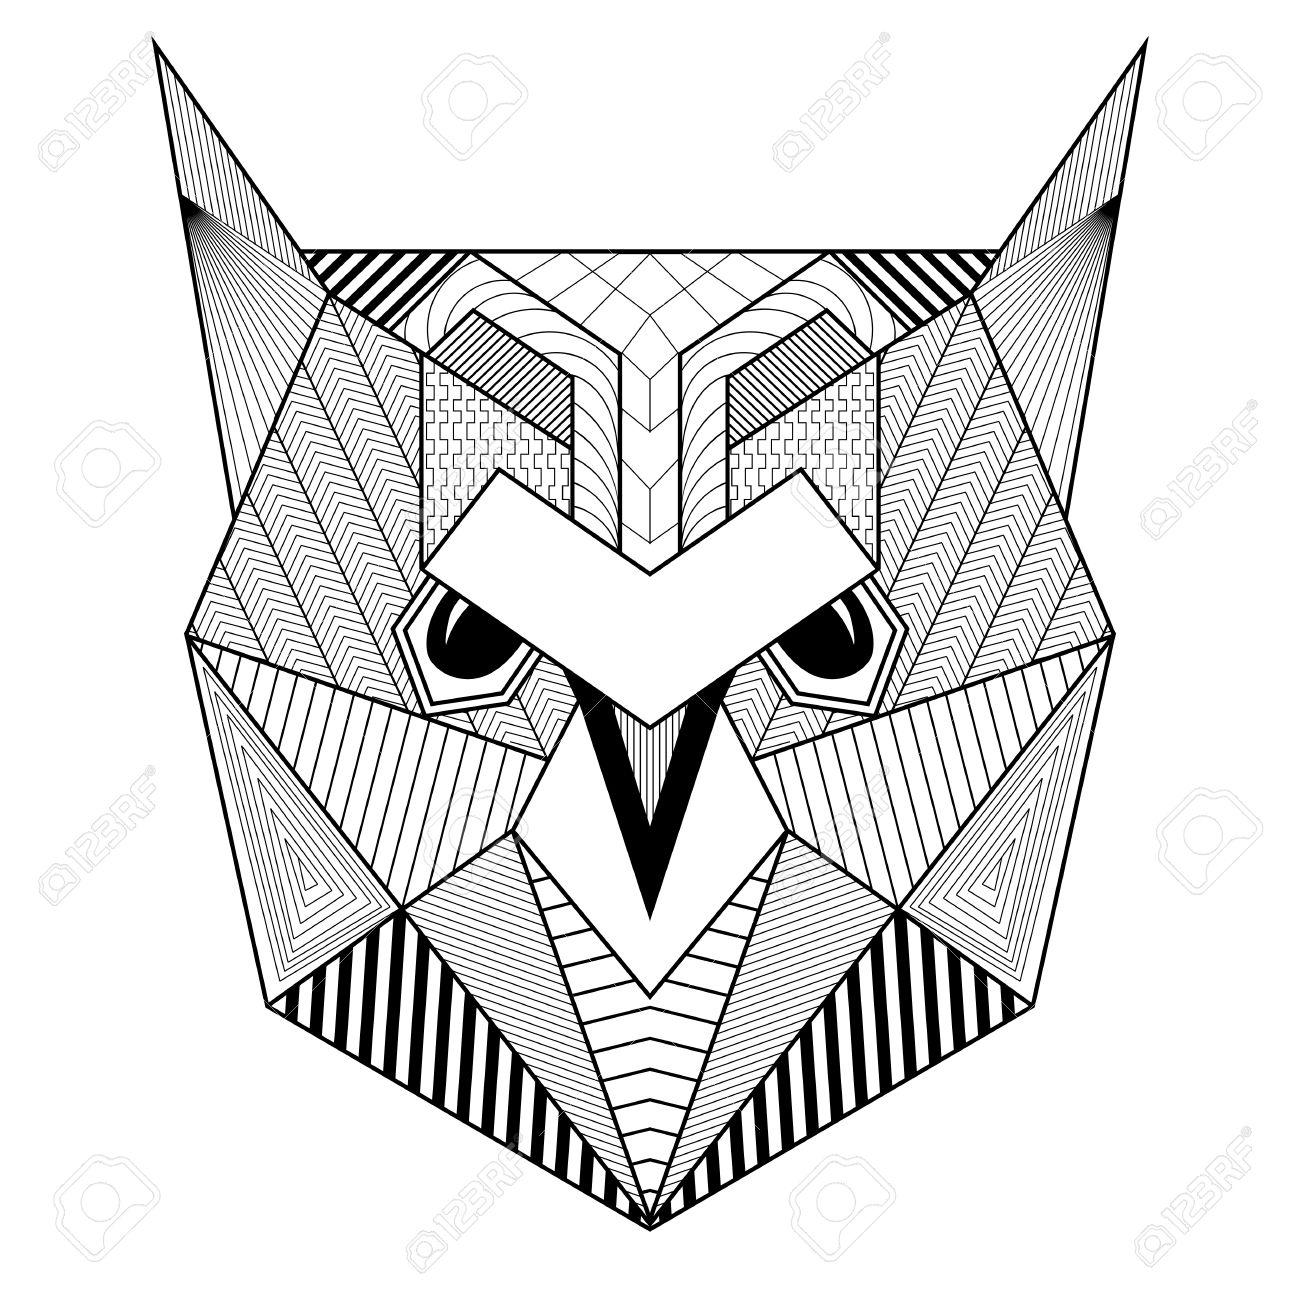 Dibujado Artística Del Pájaro Del Búho Para Colorear Adultos ...